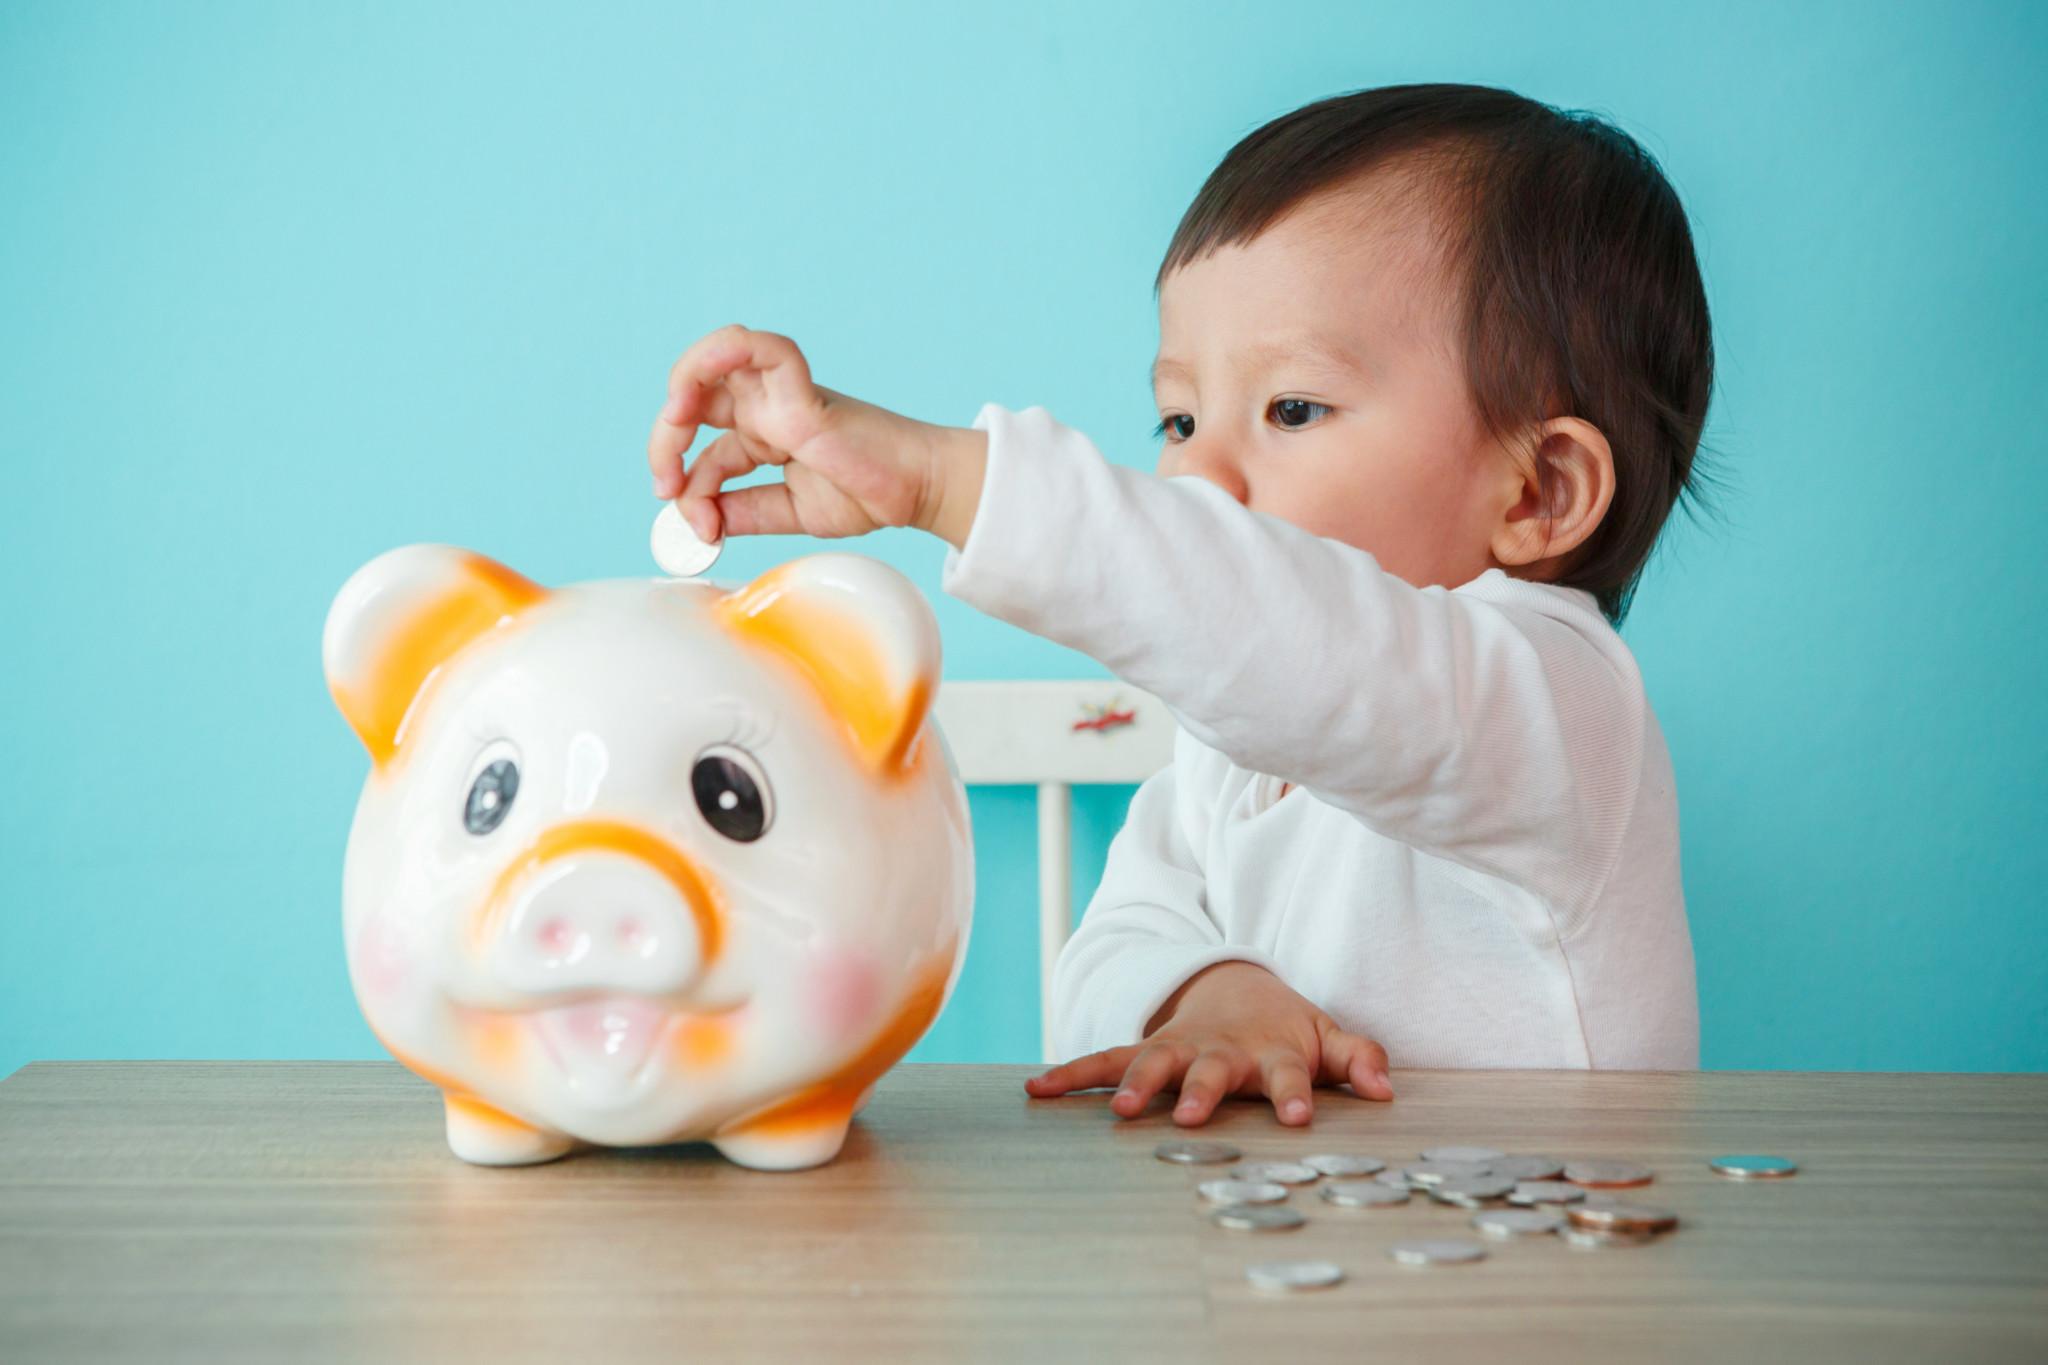 little baby moneybox putting a coin into a piggy bank – kid savi